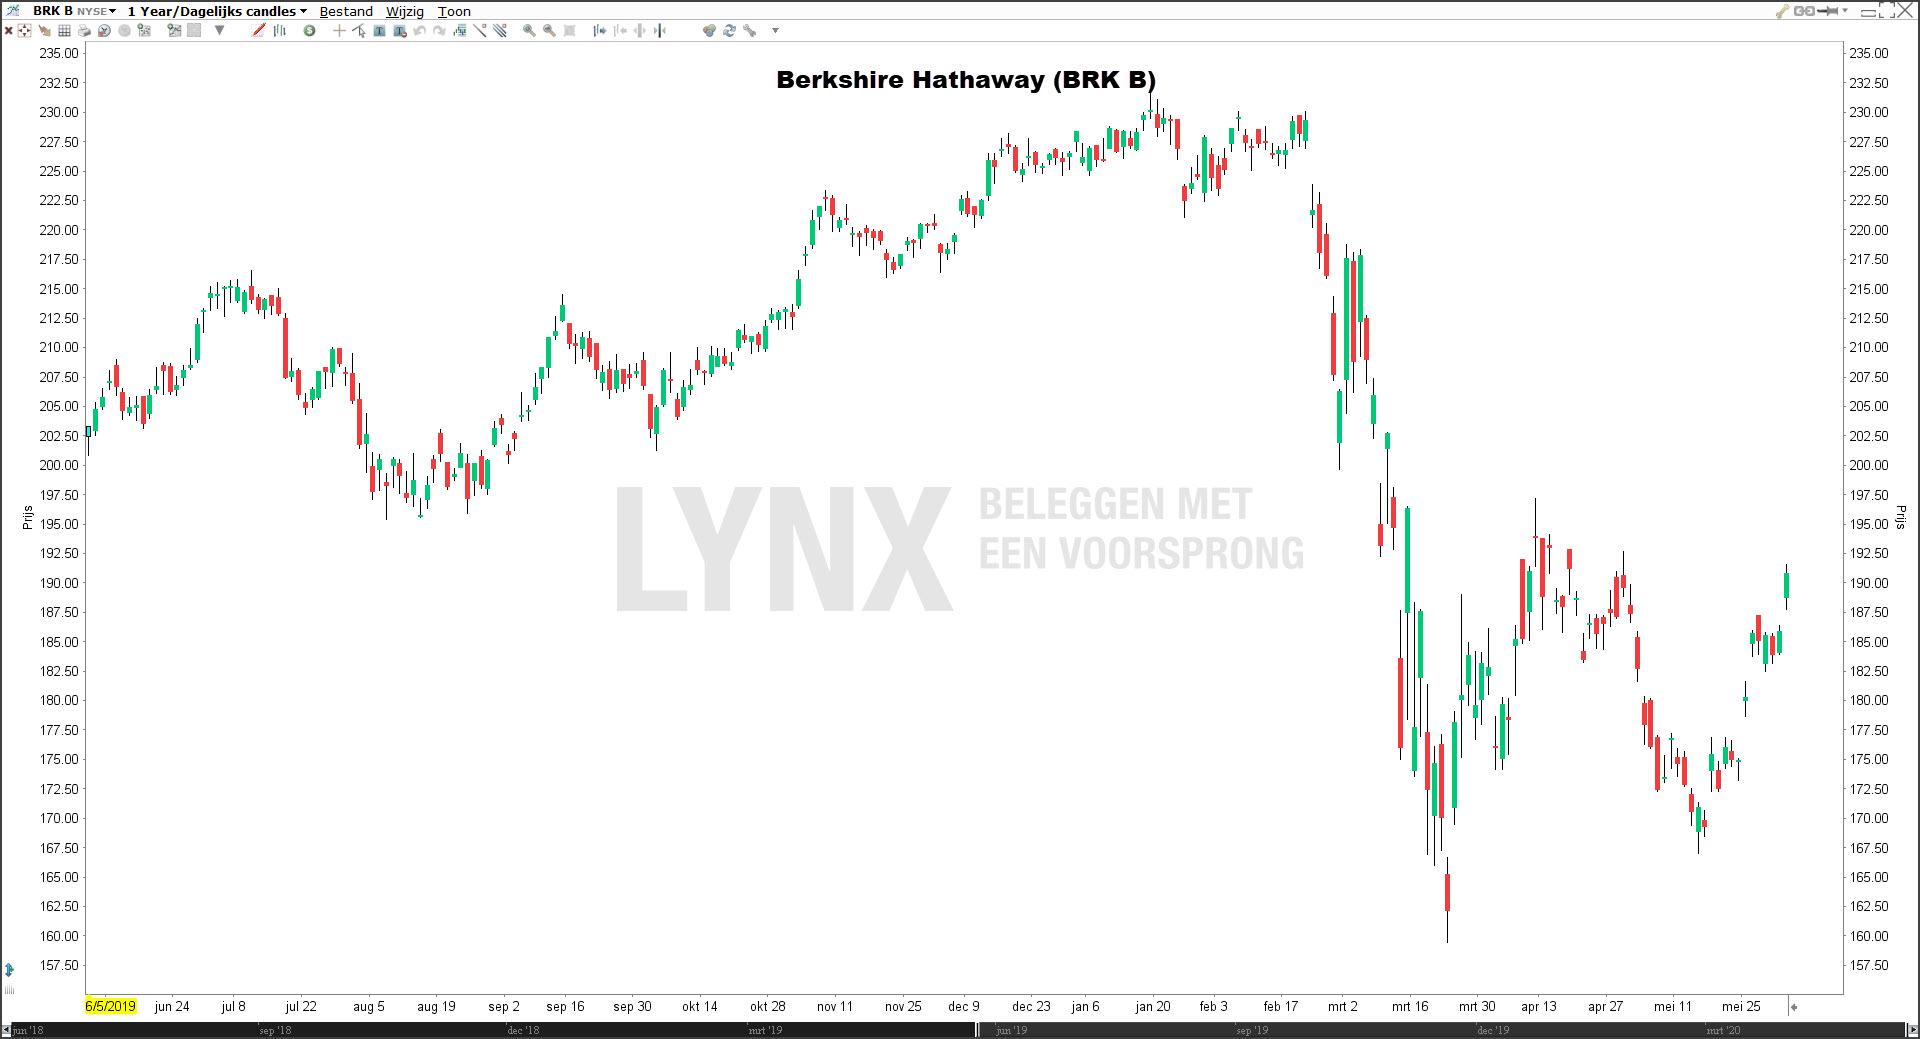 Beste aandelen 2020: Berkshire Hathaway